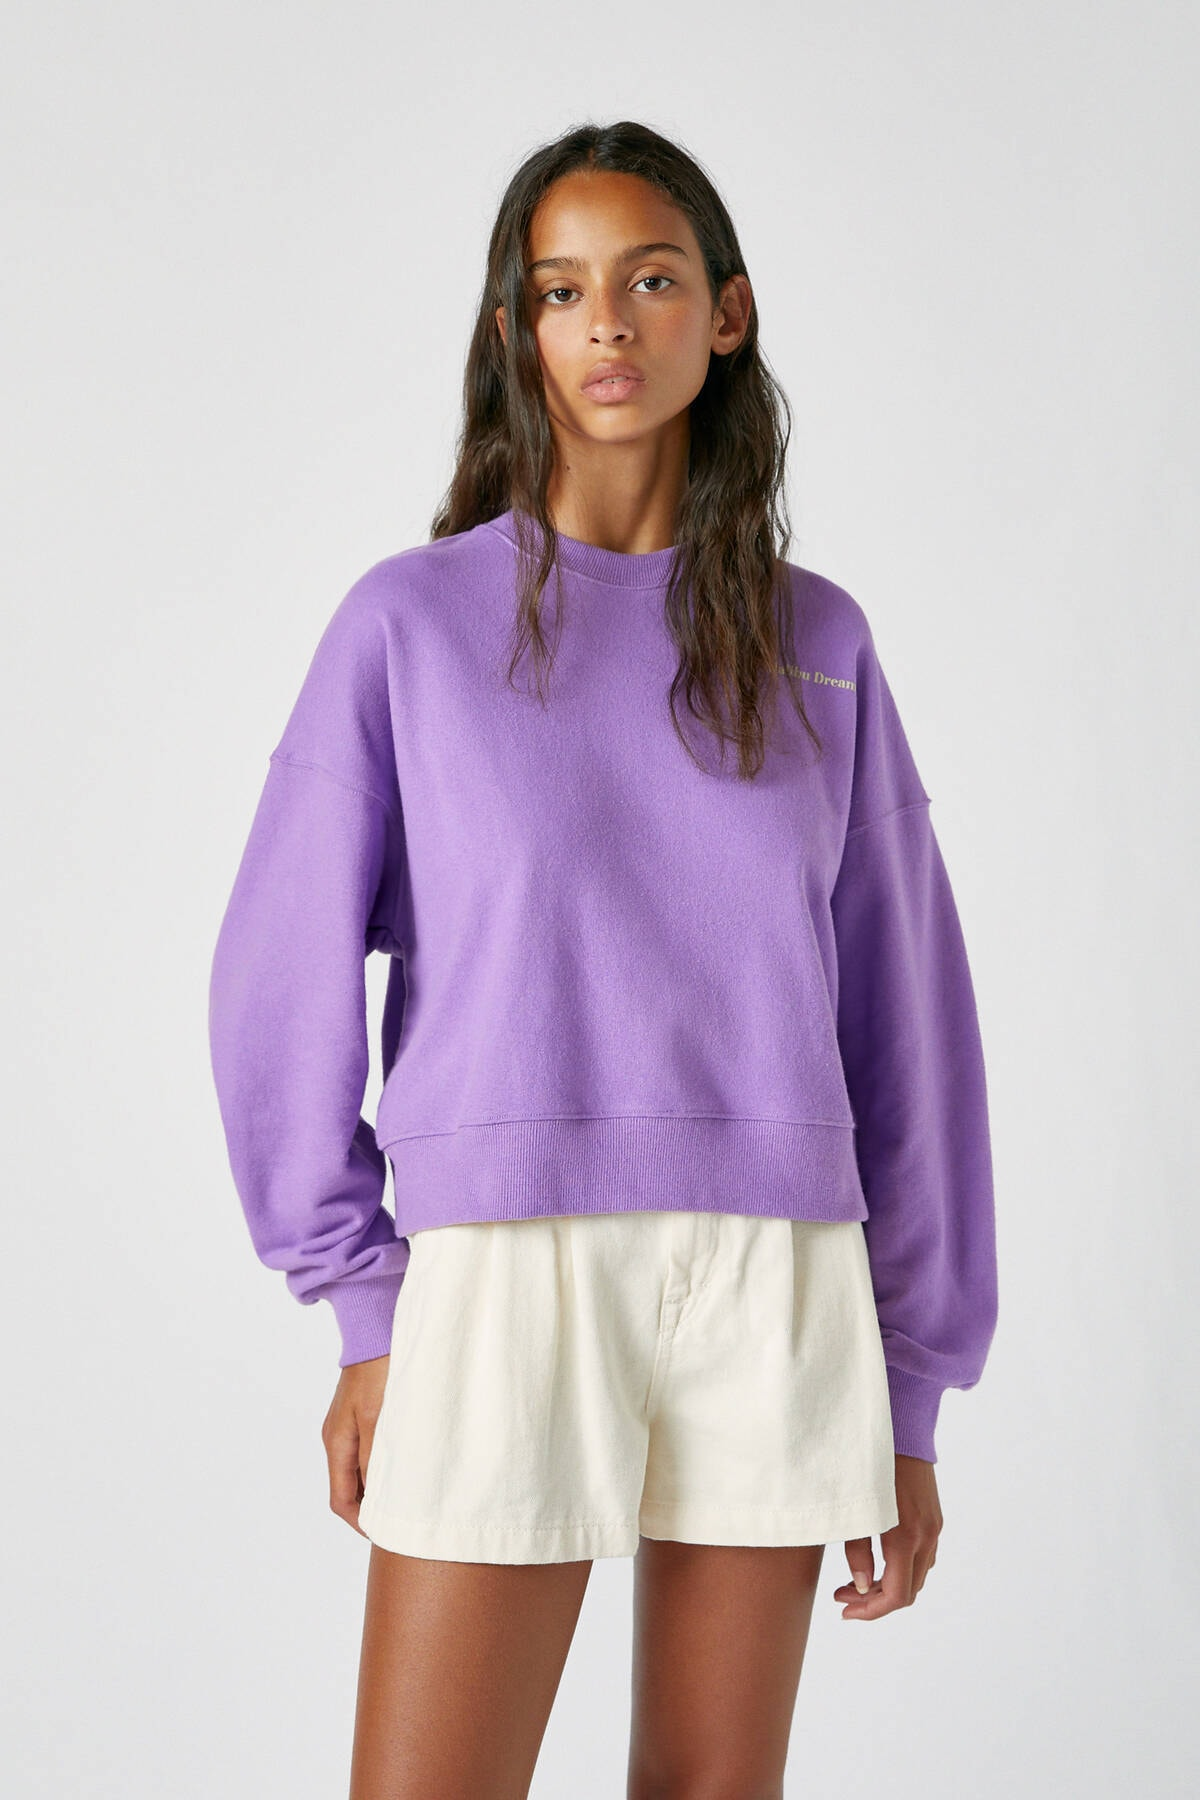 Pull & Bear Kadın Leylak Kontrast Sloganlı Uzun Kollu Sweatshirt 09594316